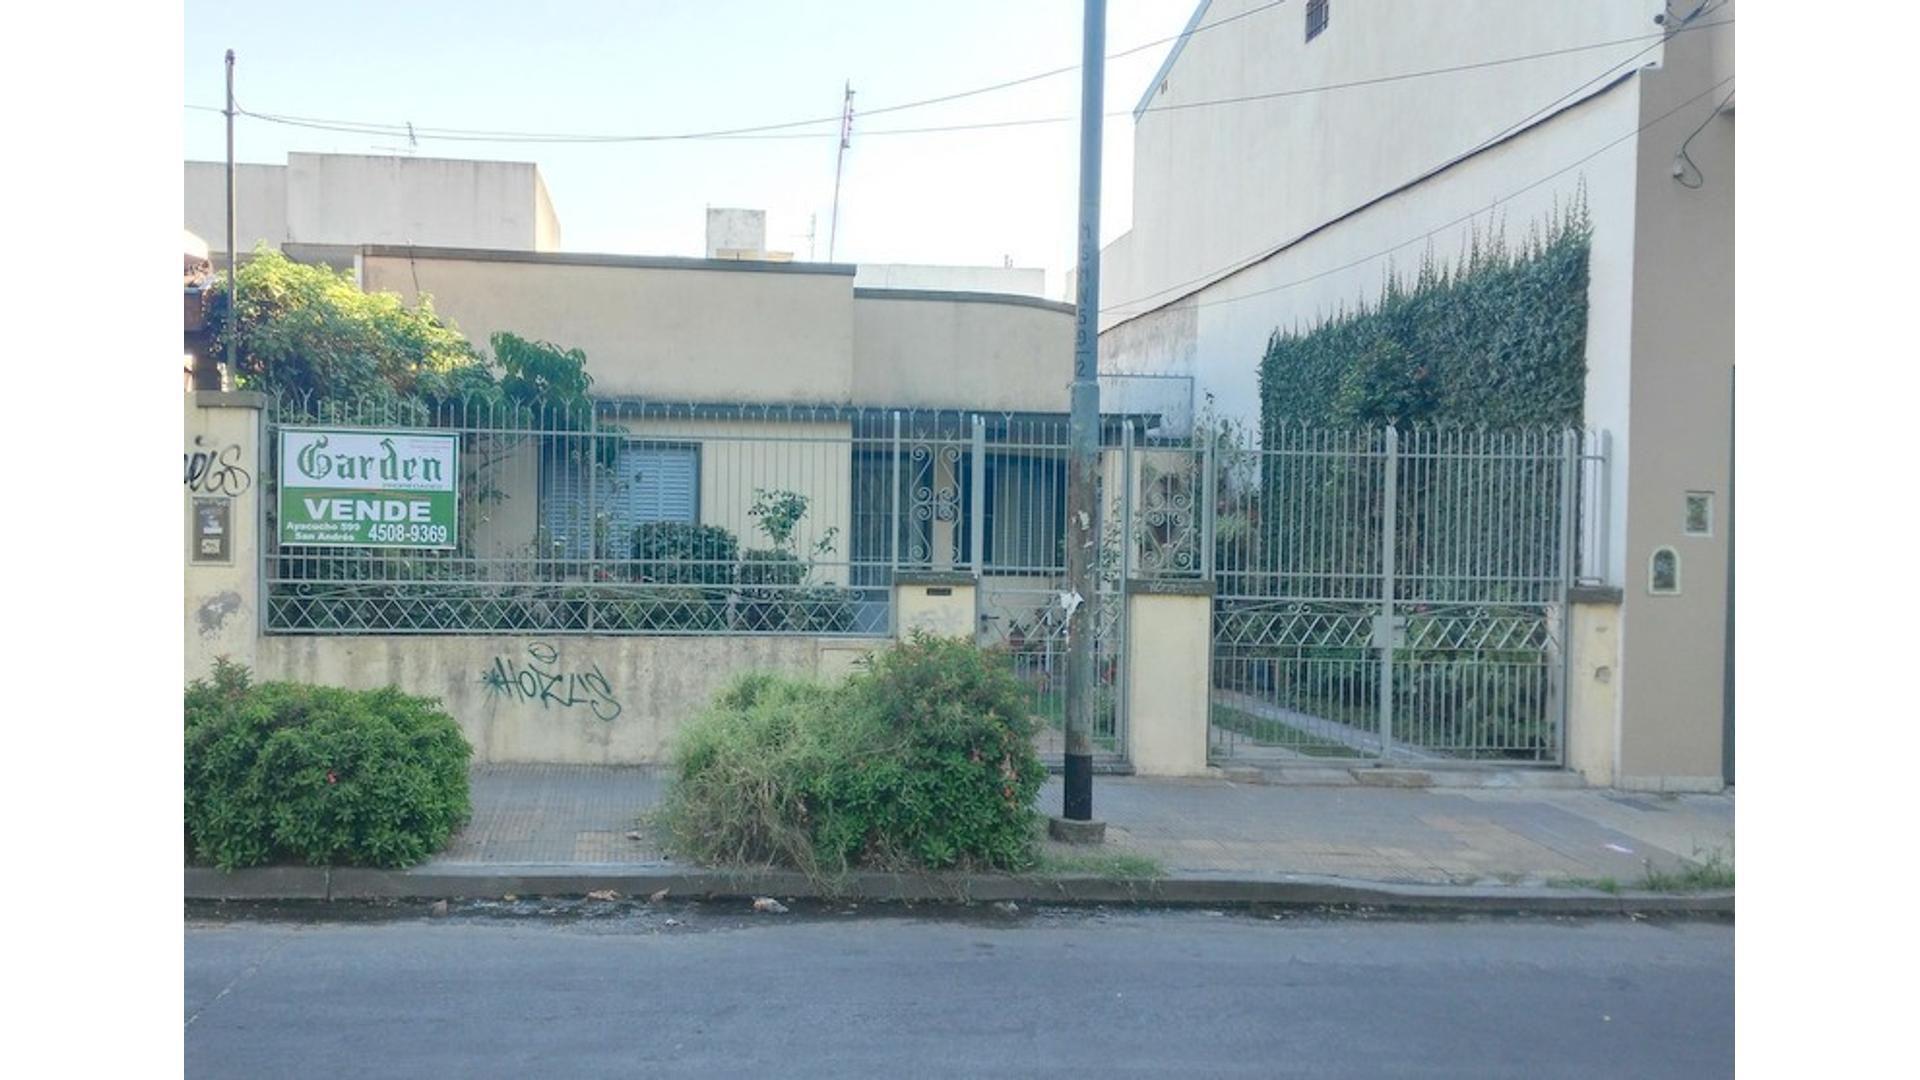 Casa sobre lote 8.66 x 32 Mts. 4 Amb. c/ dependencia. Jardin. Parque. EST. CHILAVERT APTO CRÉDITO.